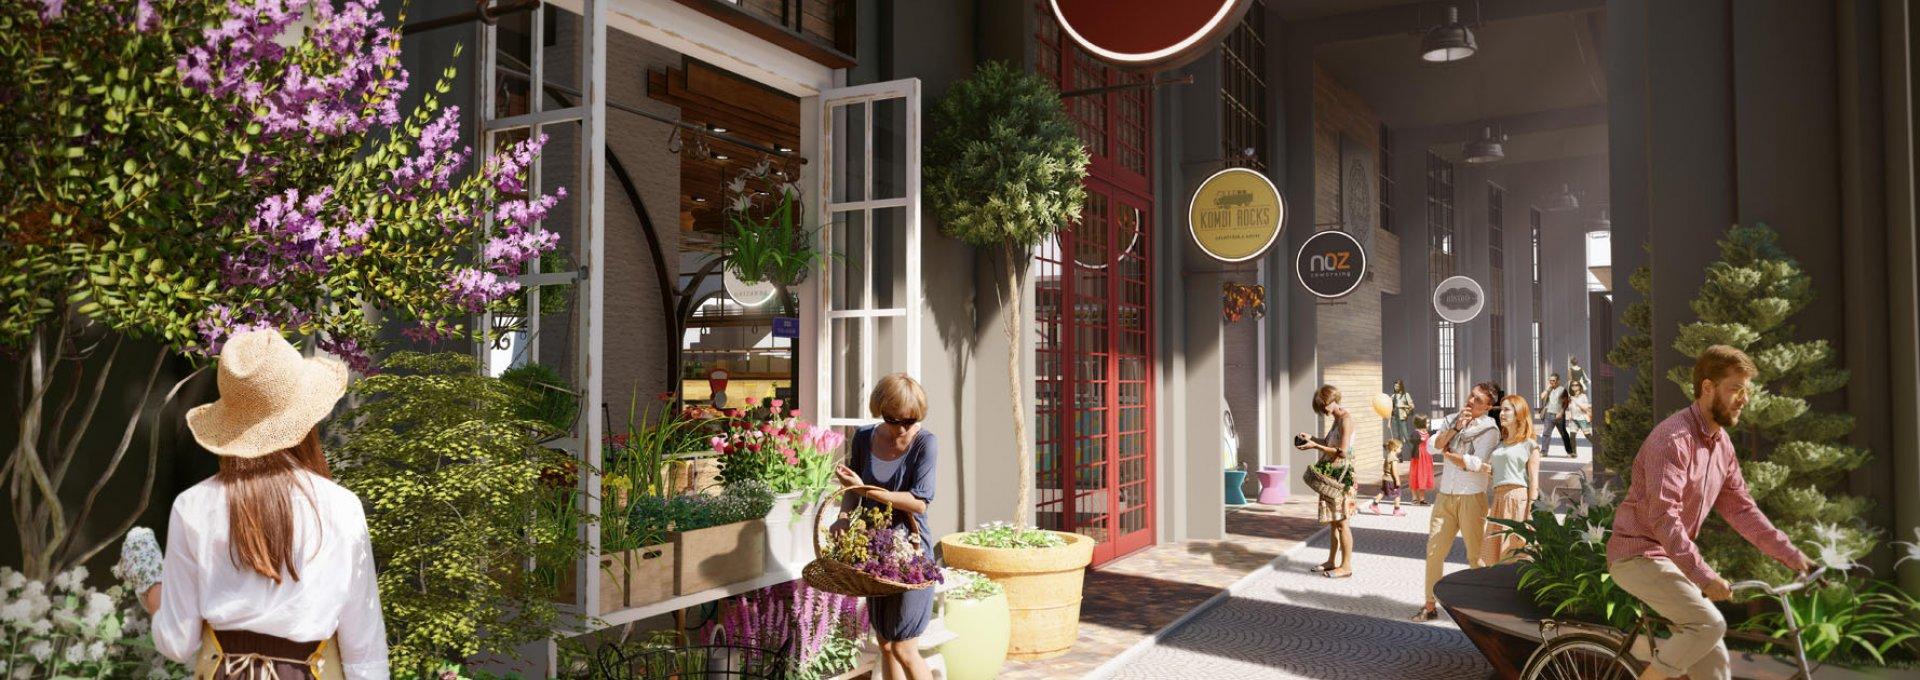 Lifestyle gastronômico, cultural e de negócios